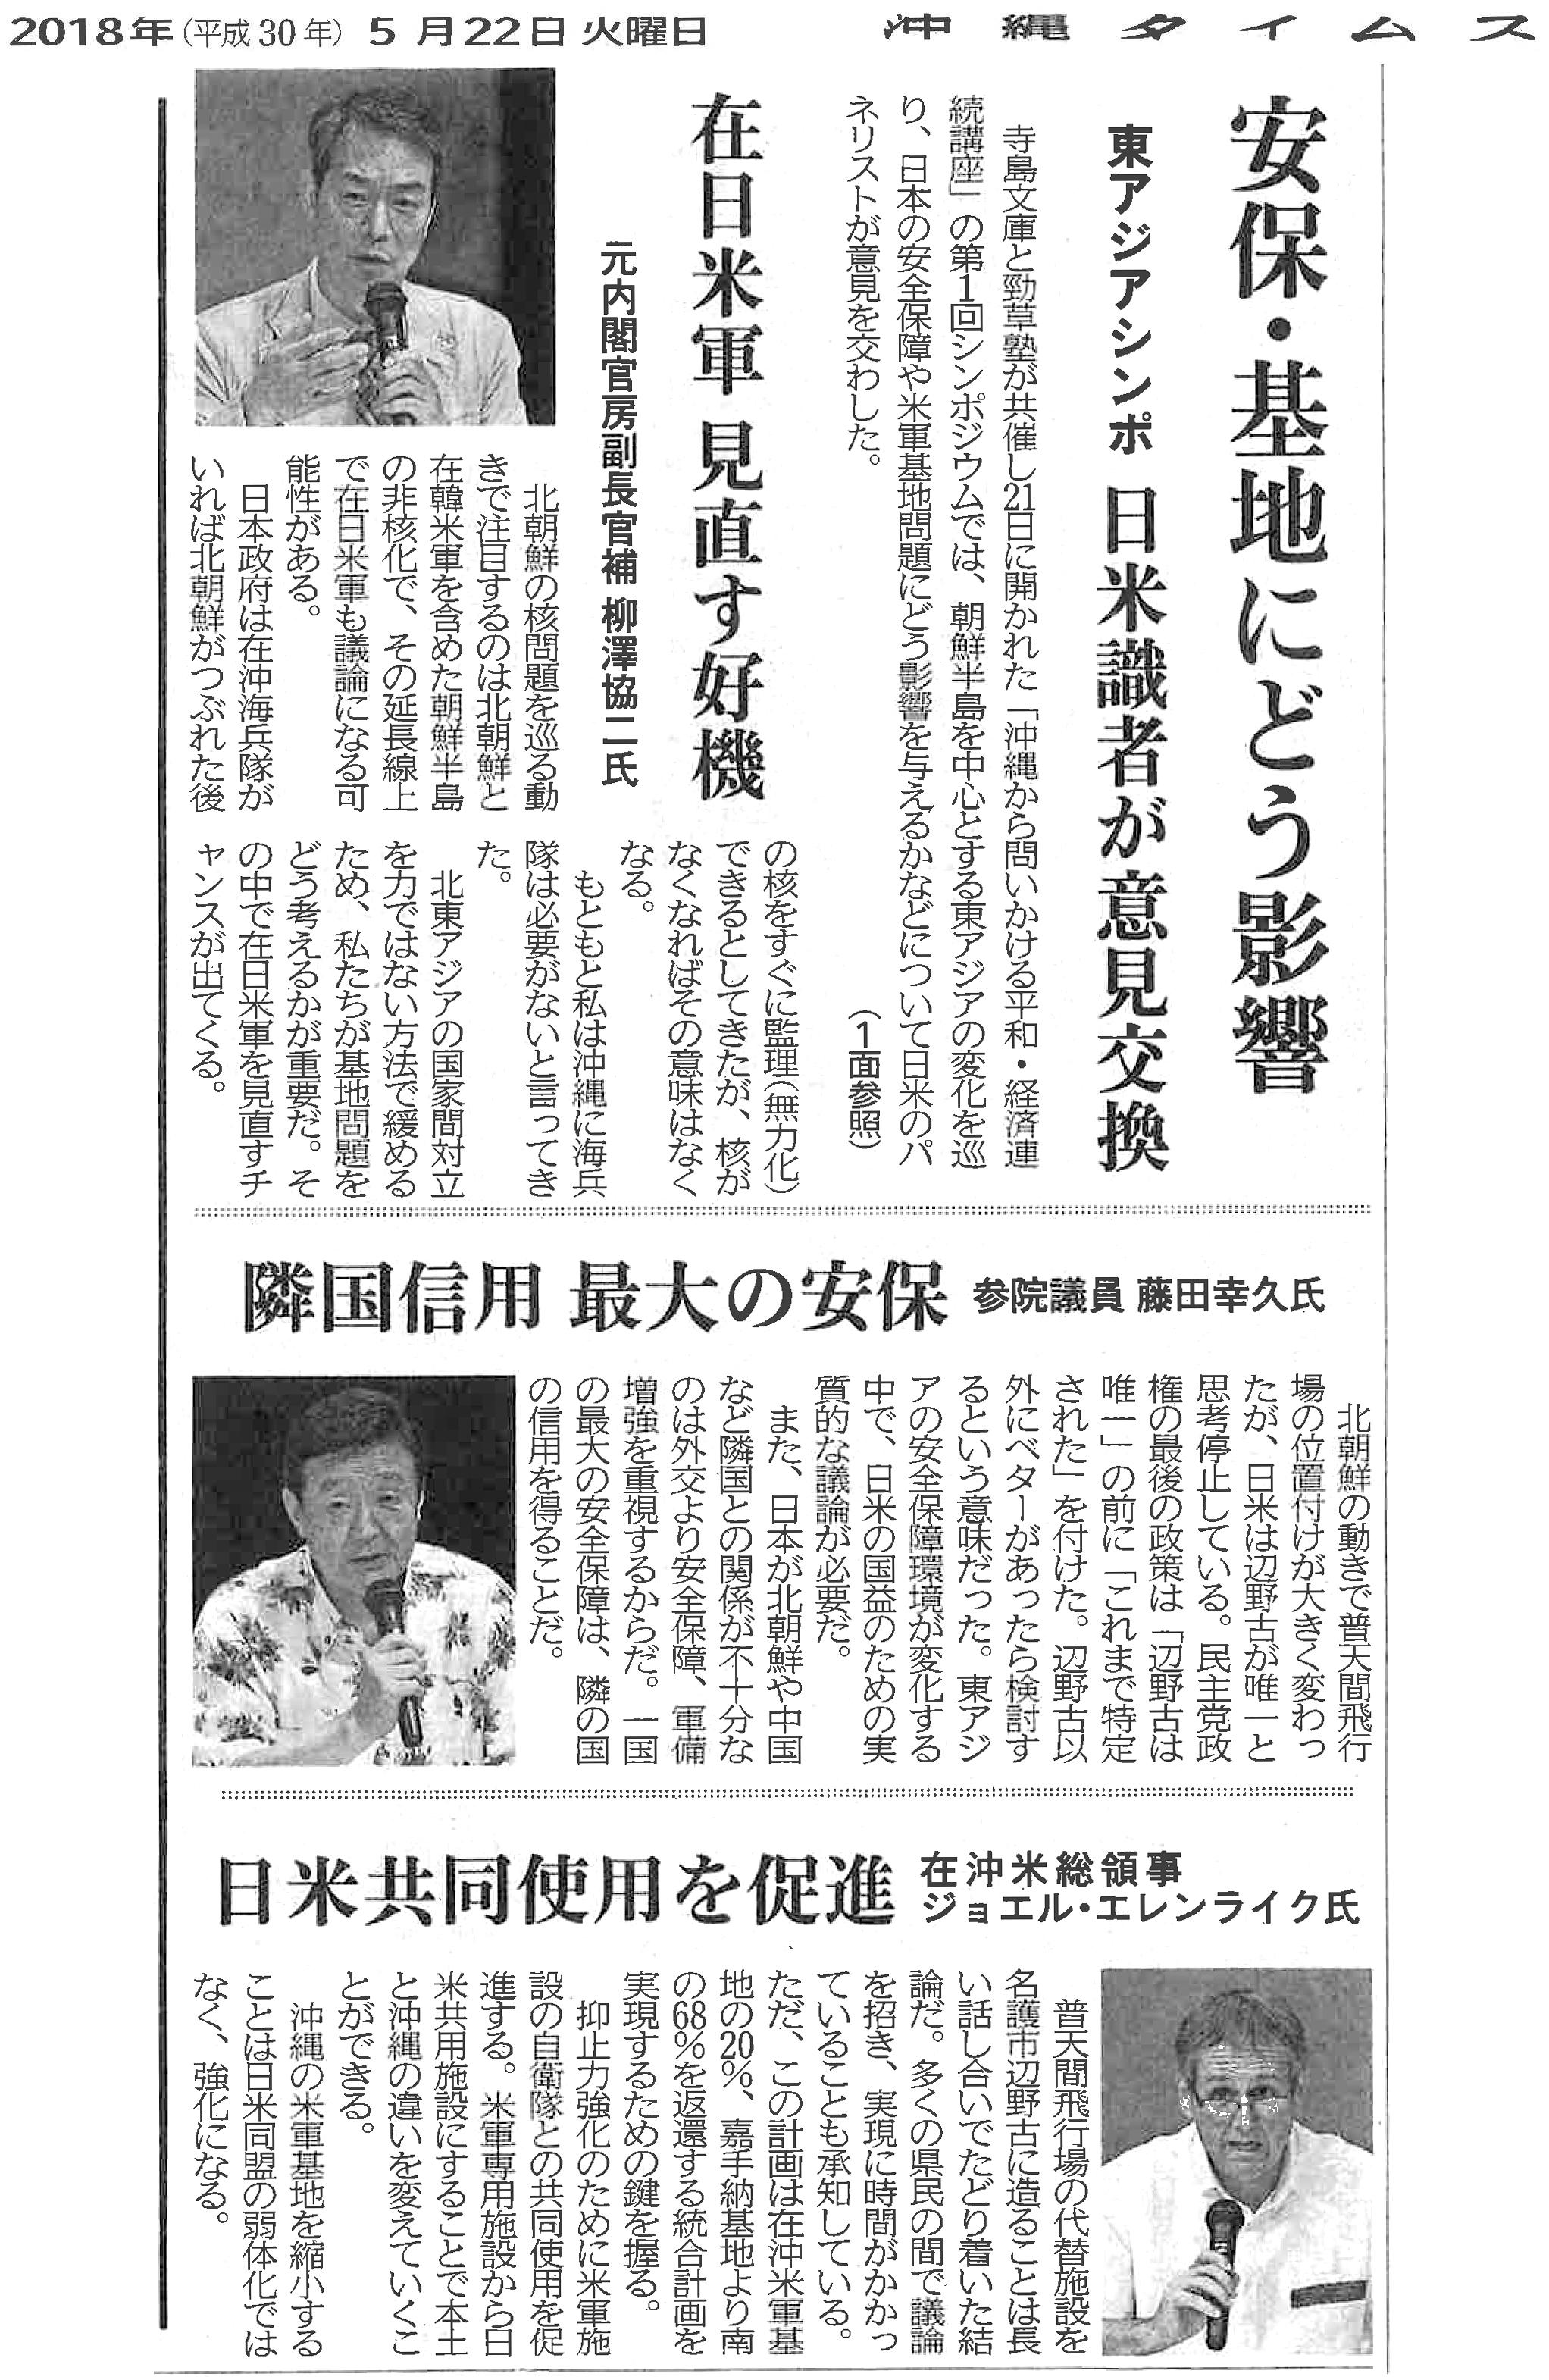 【沖縄タイムス】安保・基地にどう影響 東アジアシンポ日米識者が意見交換